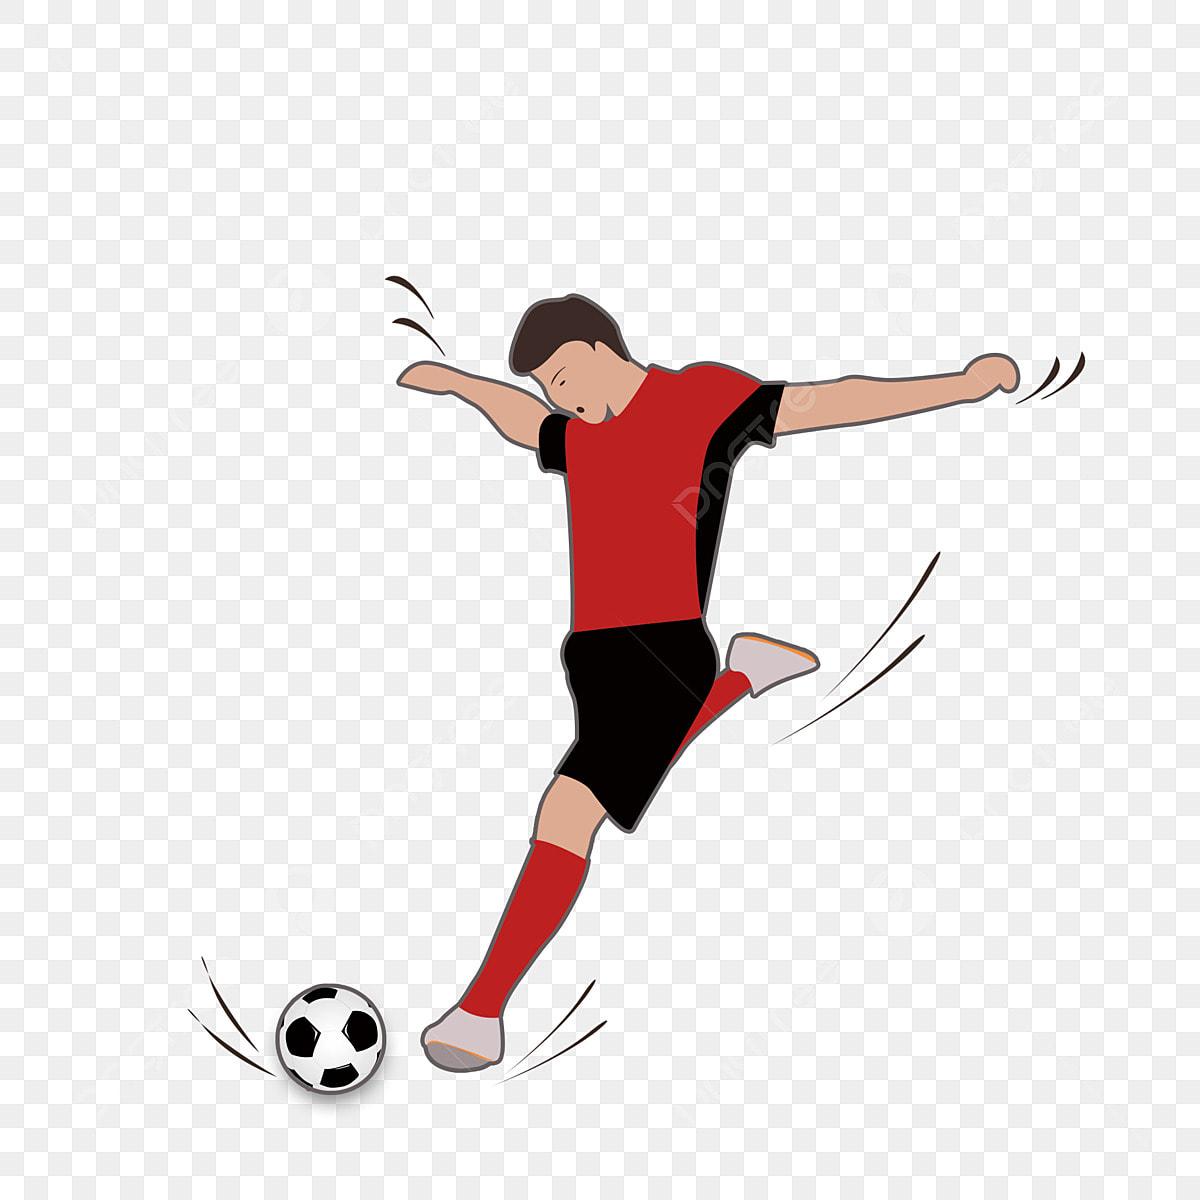 Kartun Pemain Bola Sepak Dunia Kesederhanaan Kartun Imej